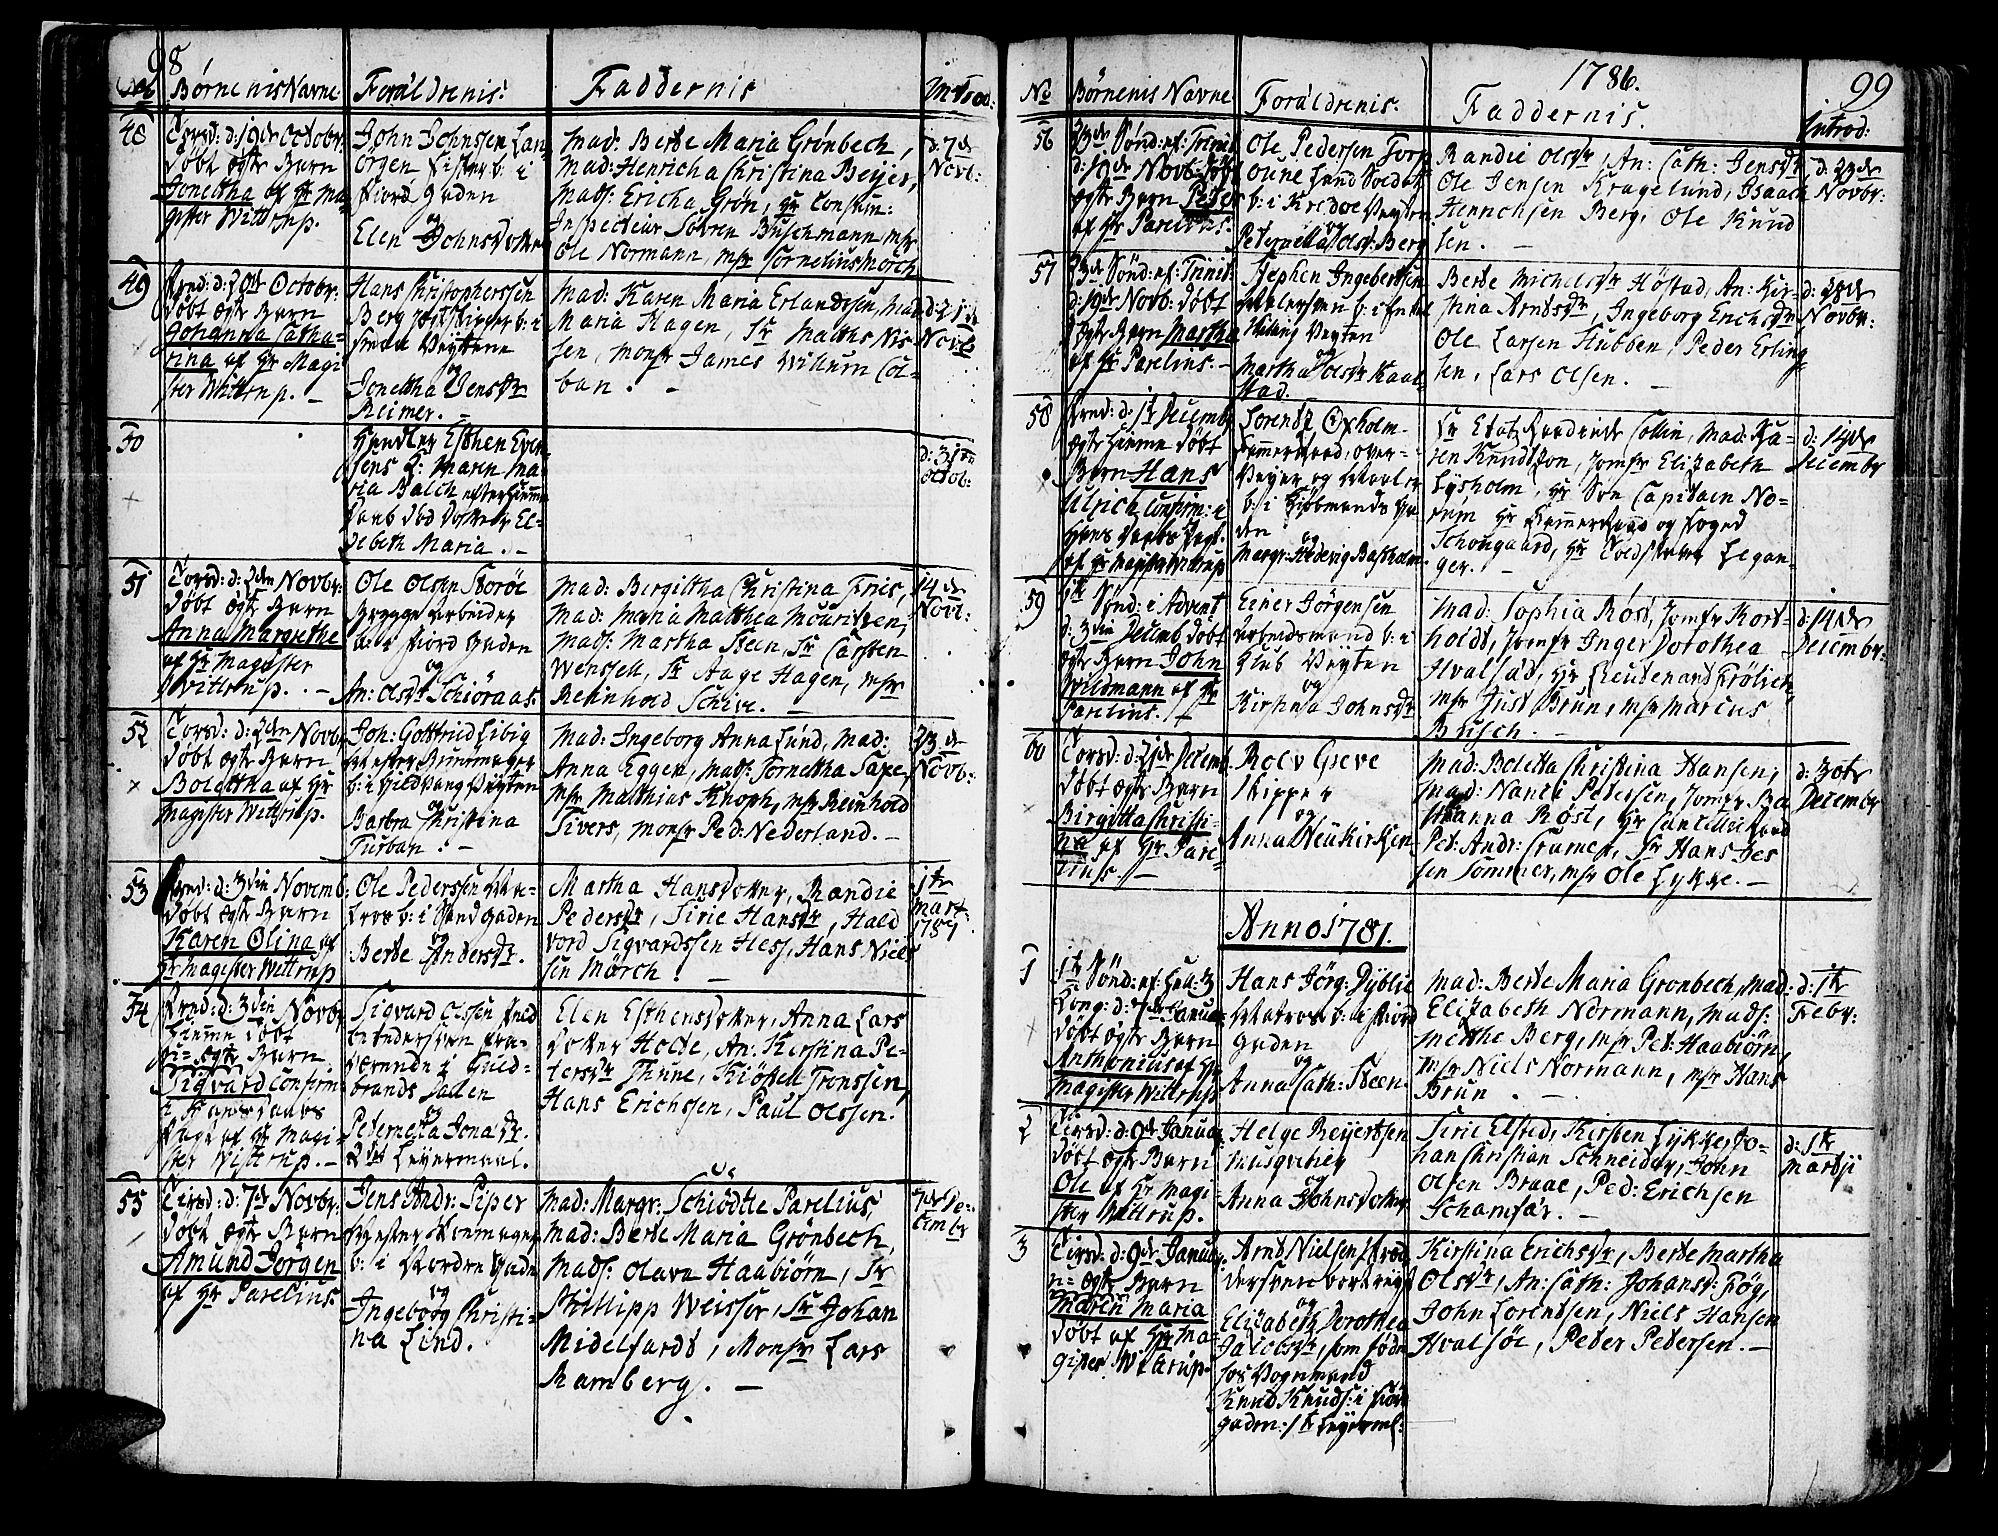 SAT, Ministerialprotokoller, klokkerbøker og fødselsregistre - Sør-Trøndelag, 602/L0104: Ministerialbok nr. 602A02, 1774-1814, s. 98-99